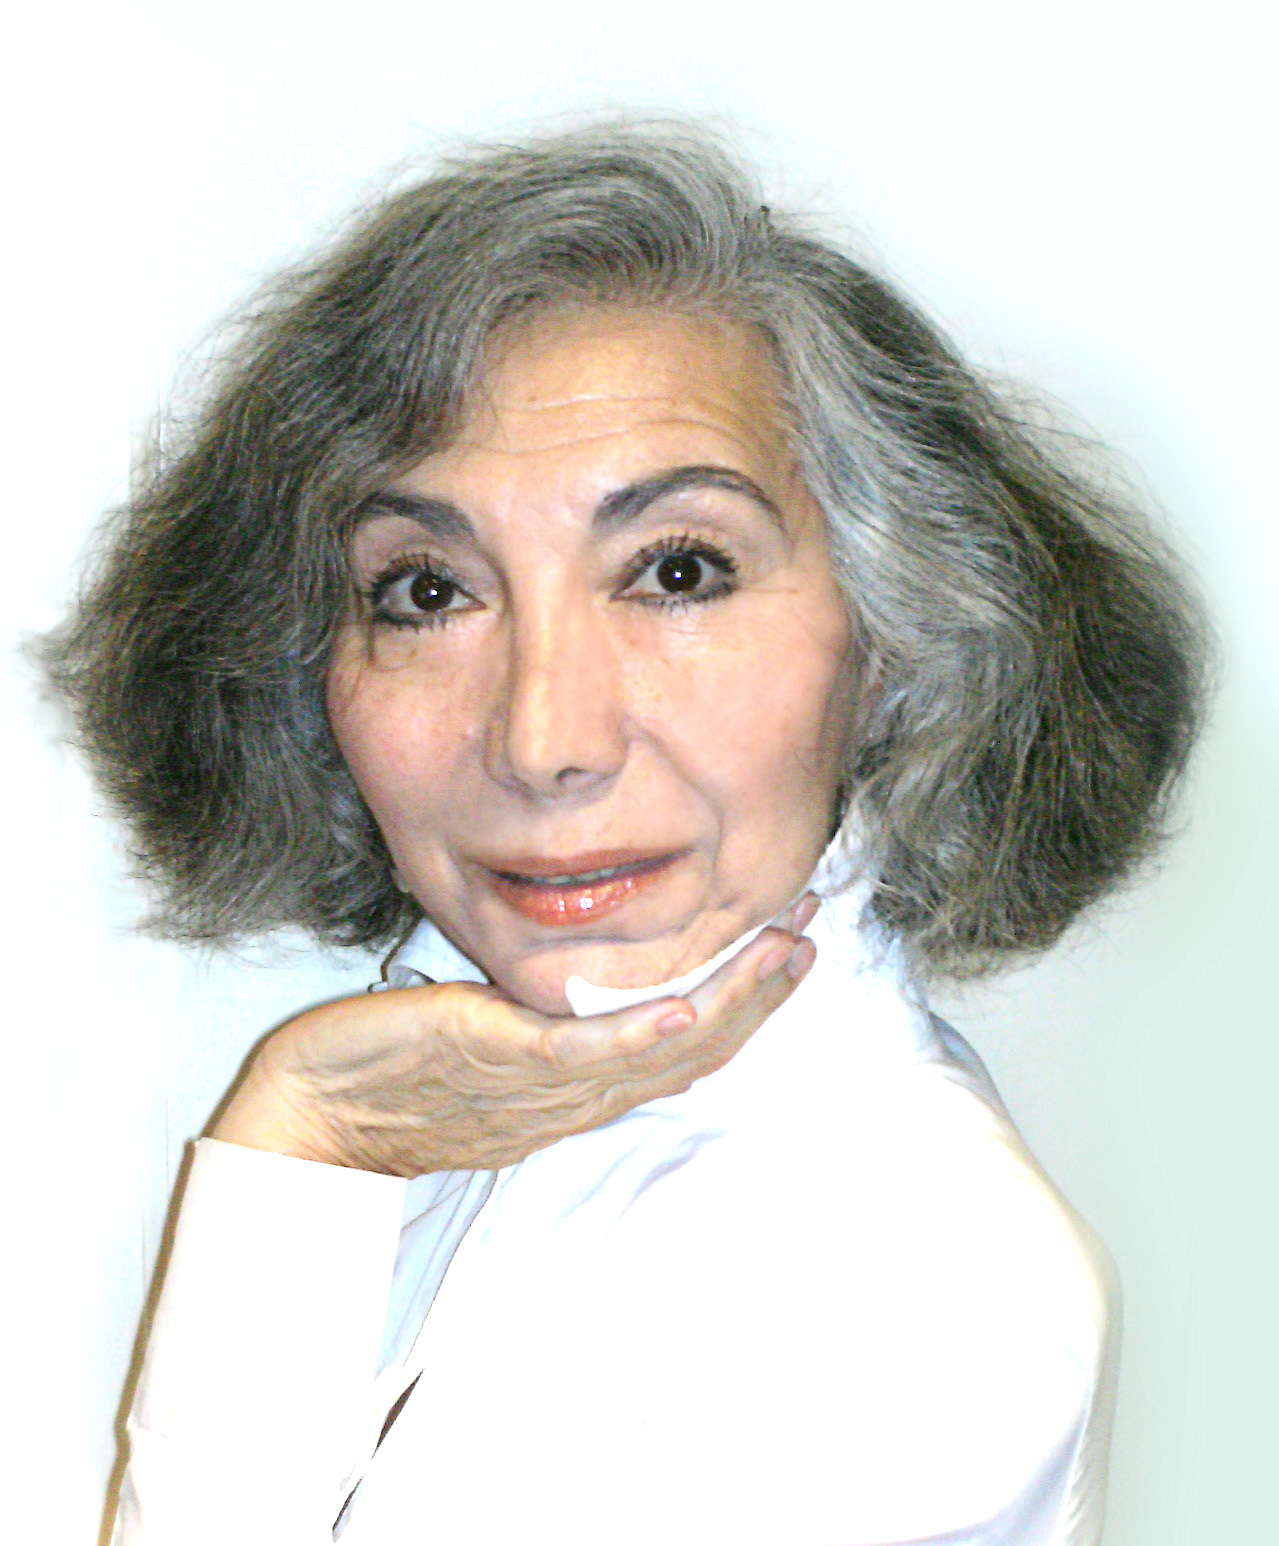 Teresa+del+Olmo+4